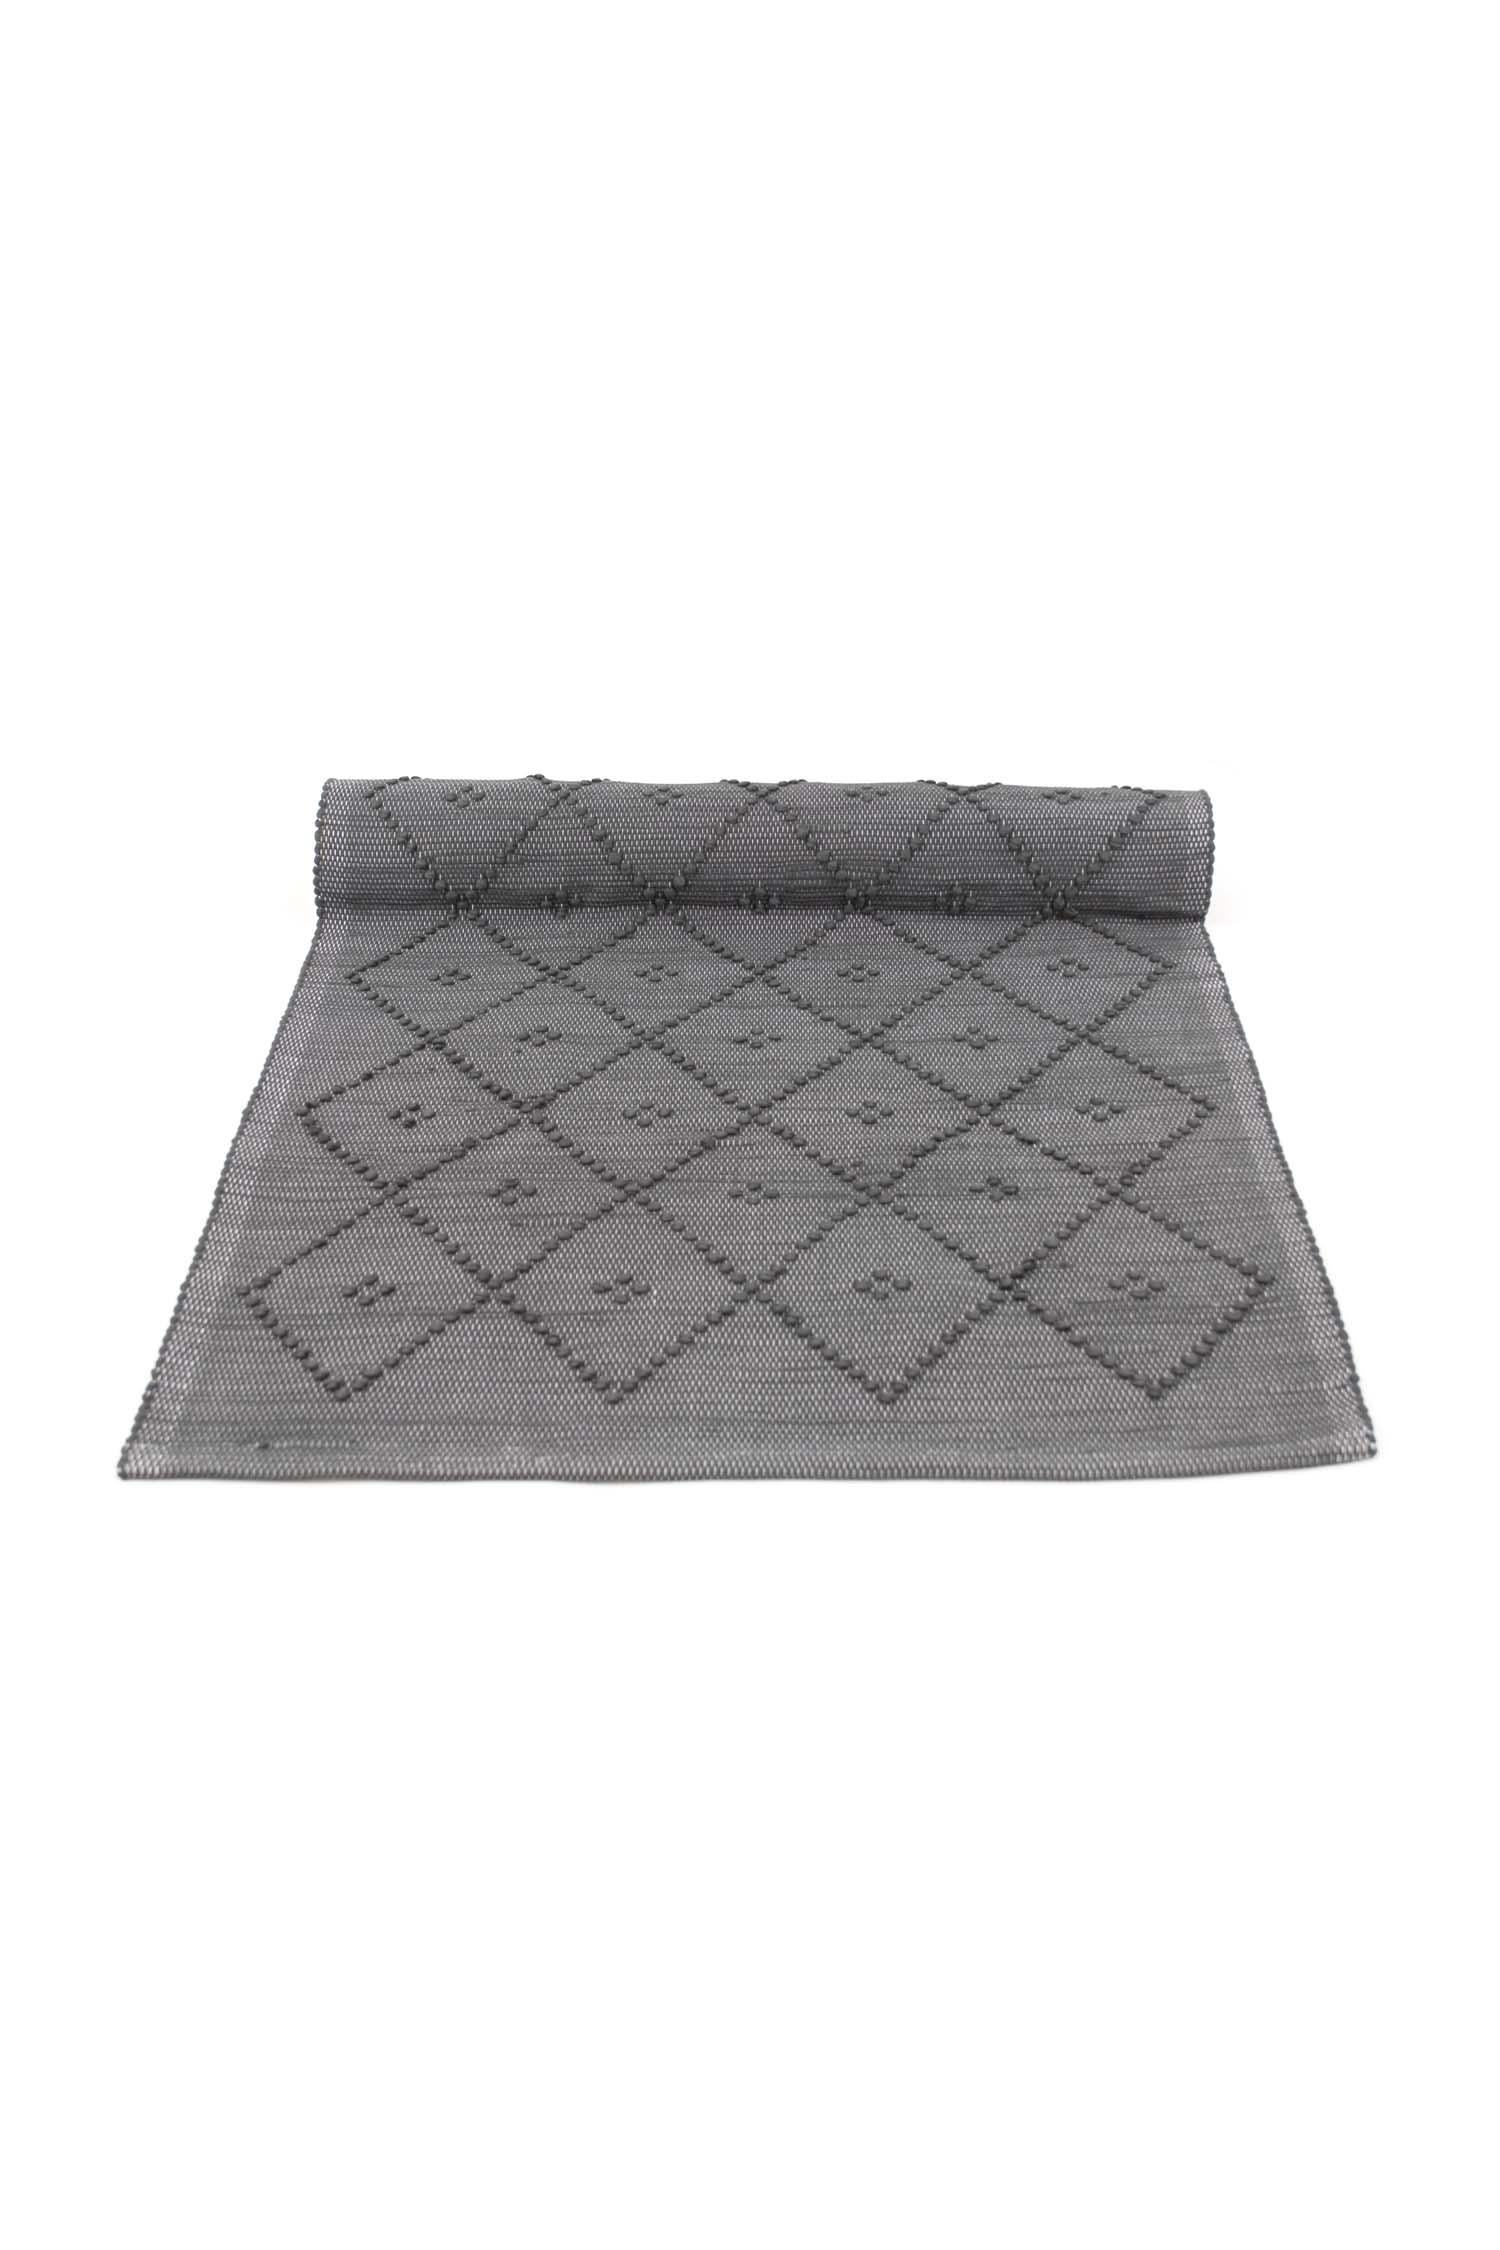 Diamond Grey Woven Cotton Floor Runner